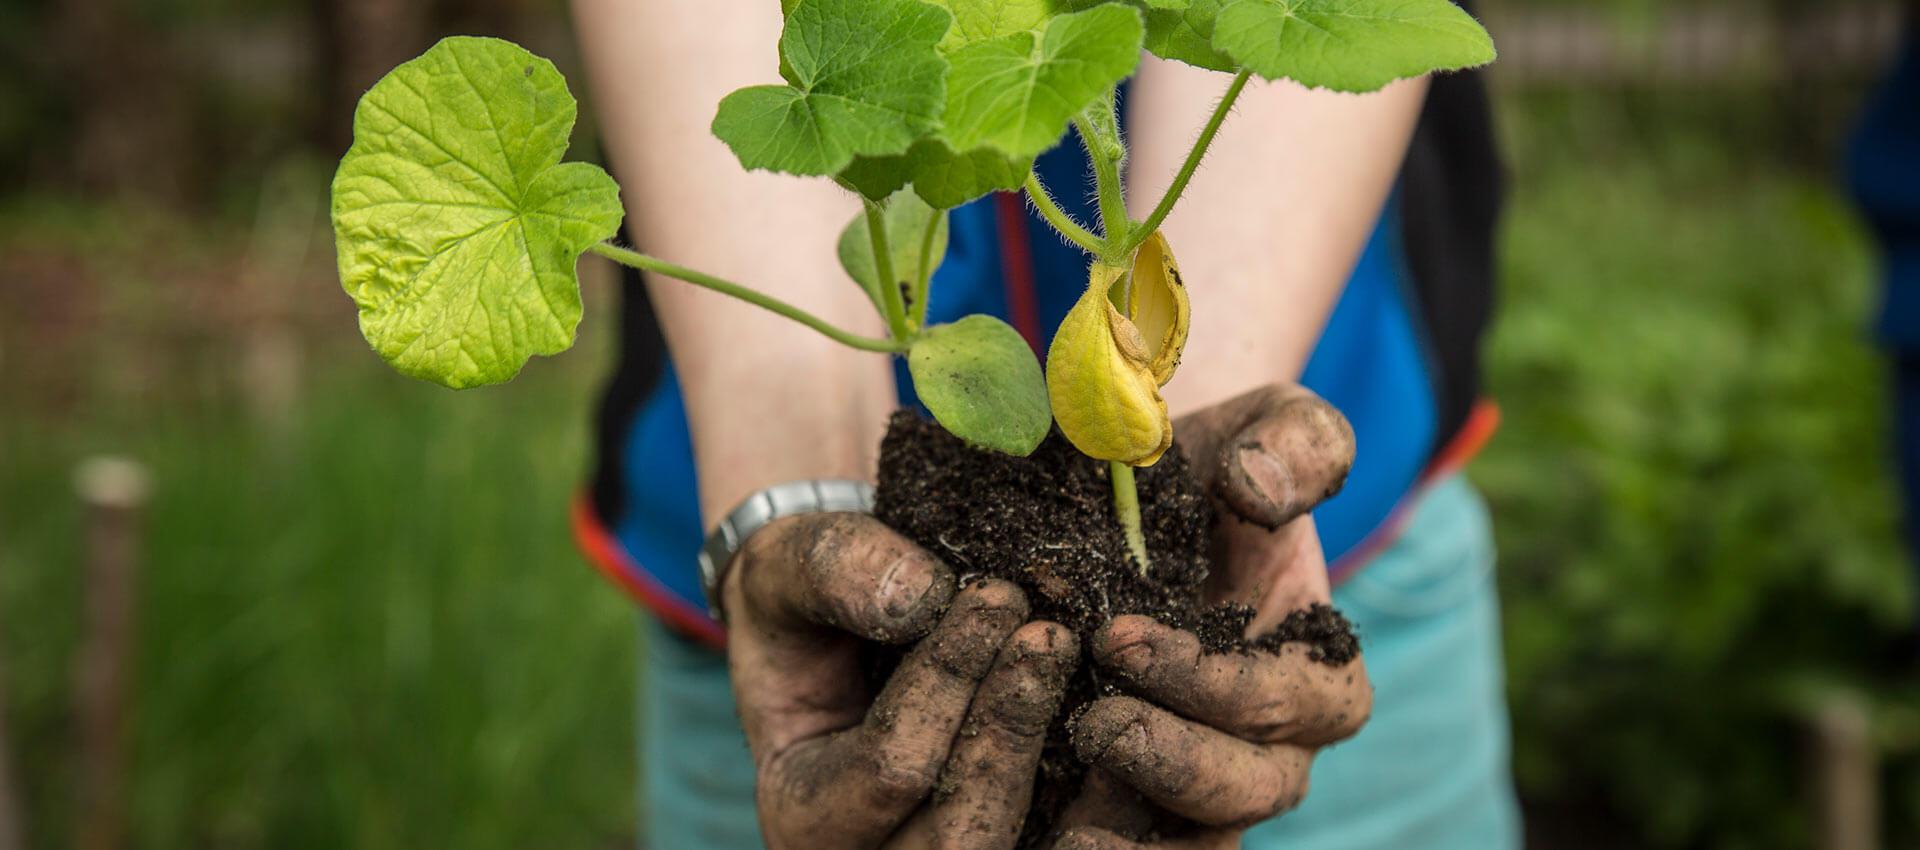 Kinderhände mit Pflanze